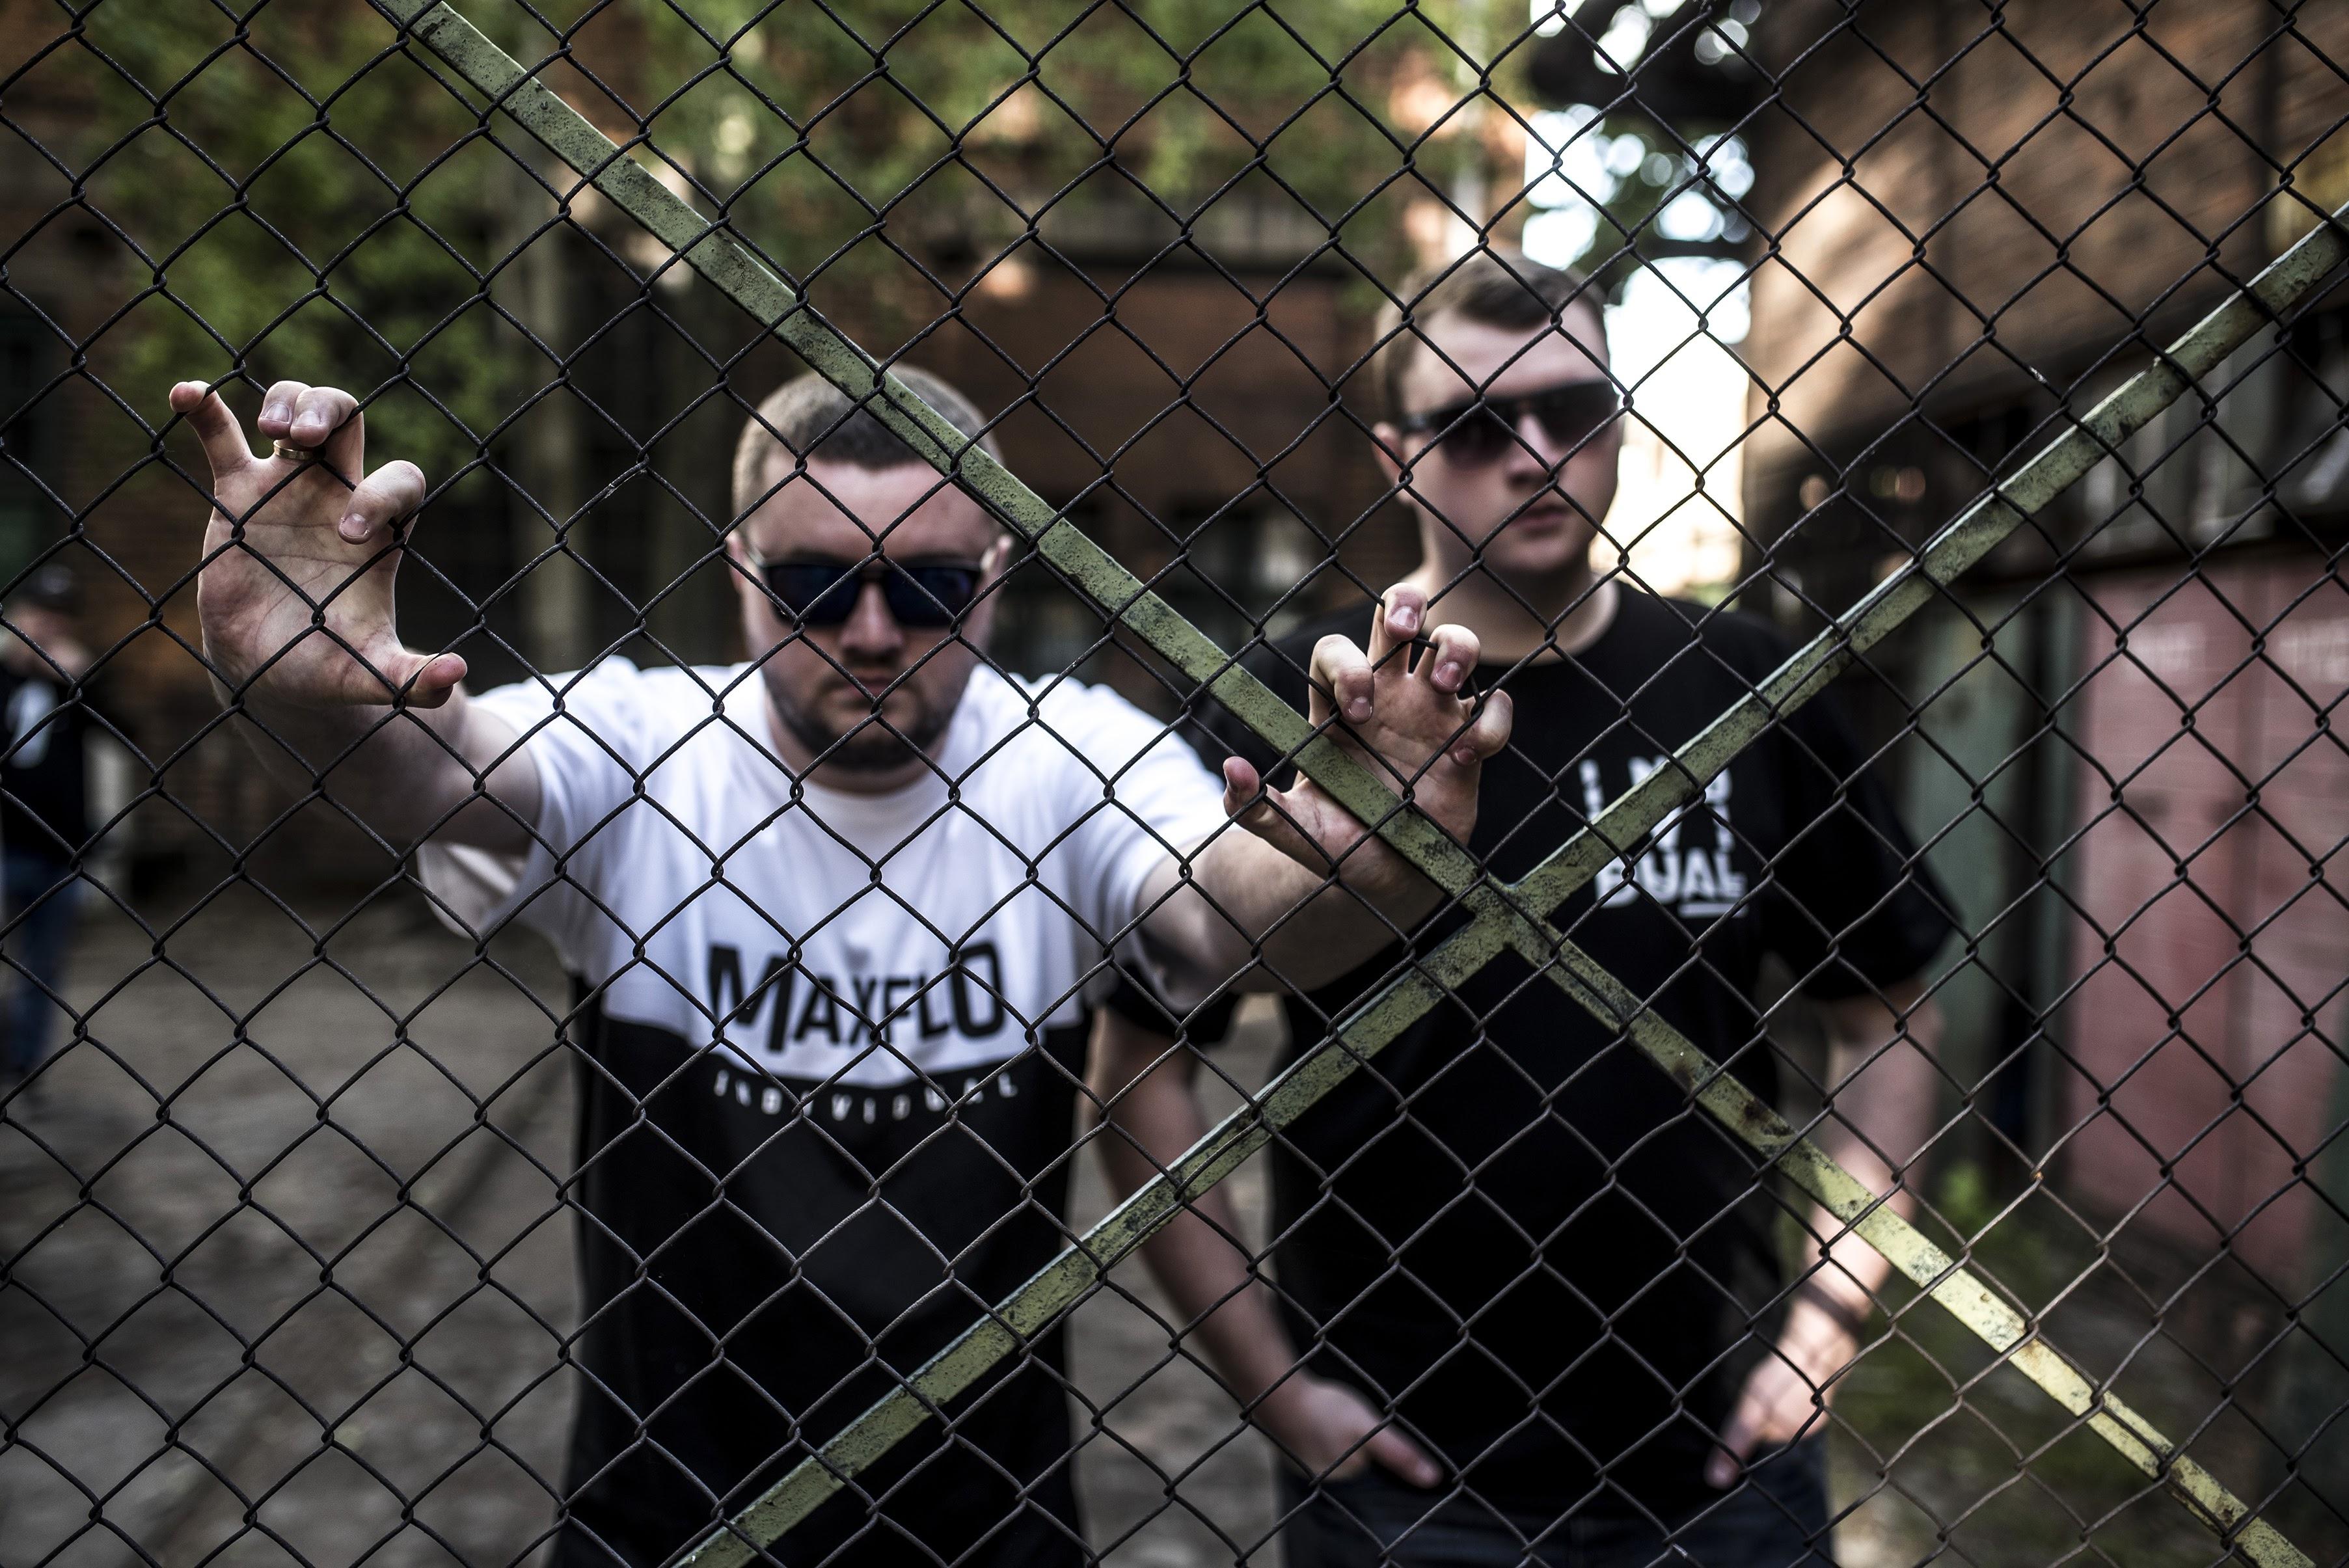 Nowi artyści w MaxFlo! Yappe & JazBrothers z nowym klipem!